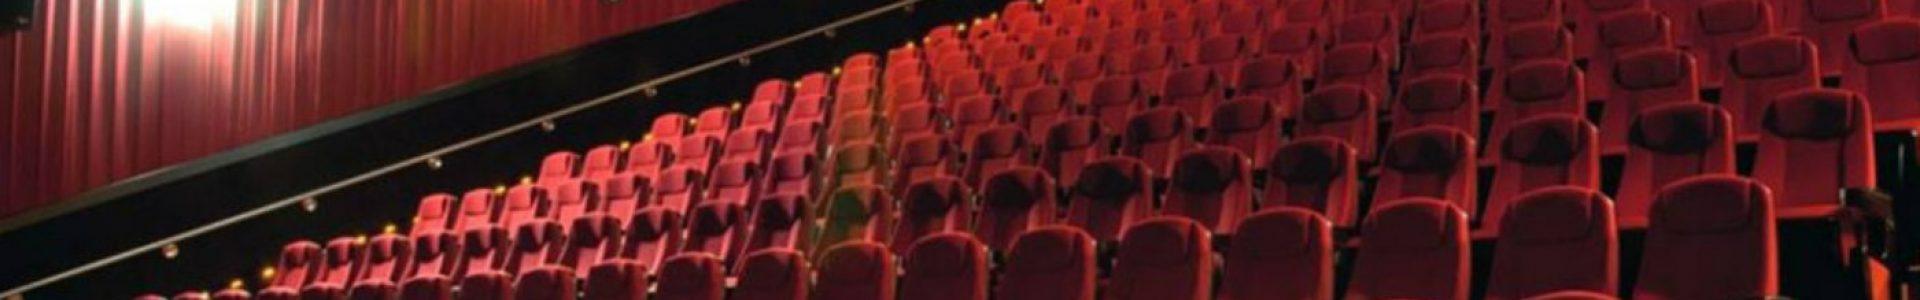 cines-antiguos-de-mexico